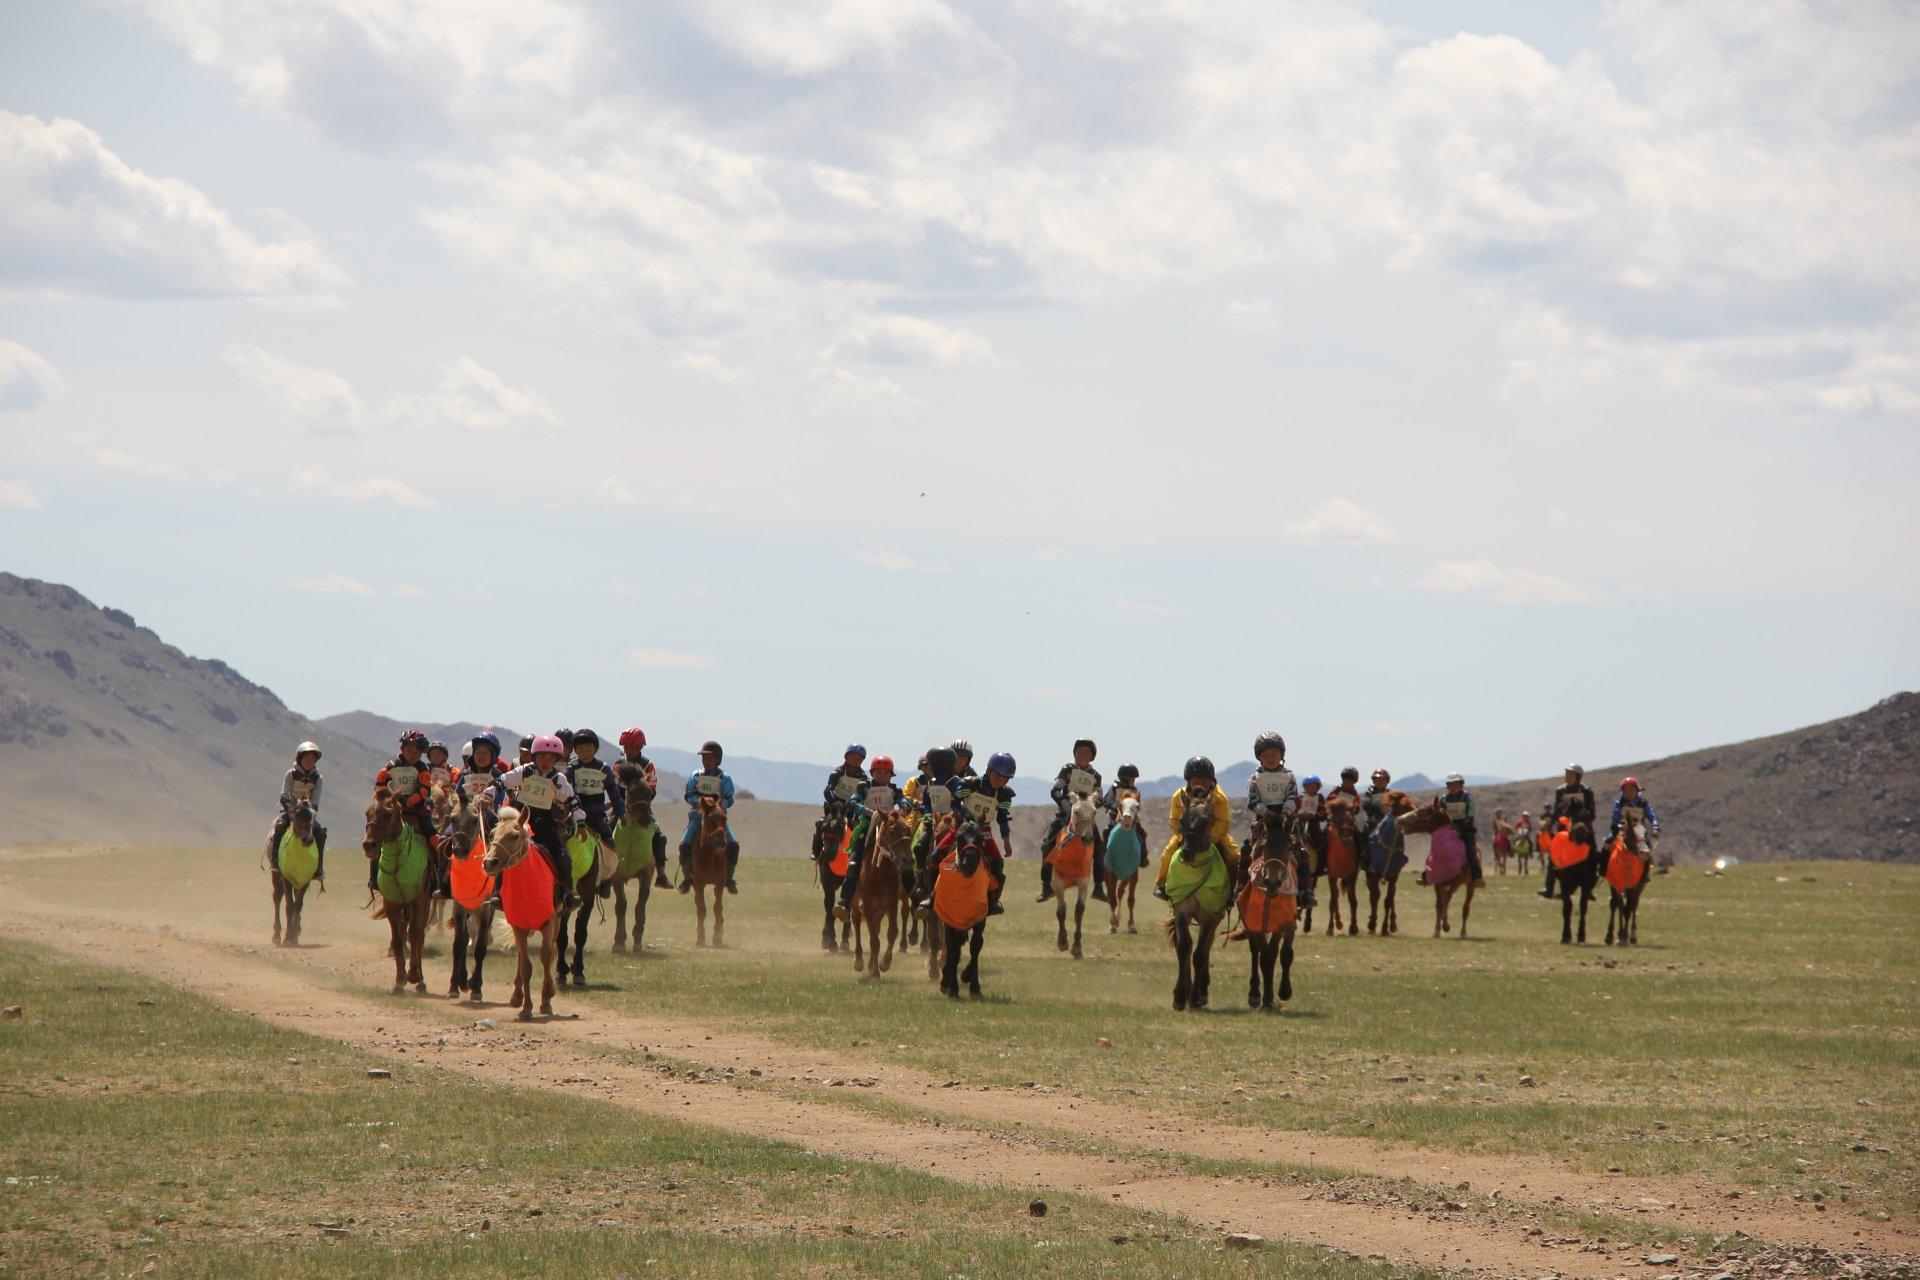 Өвөрхангай аймгийн ЗҮҮН бүсийн бага 3 насны хурдан морьдын уралдаан боллоо.